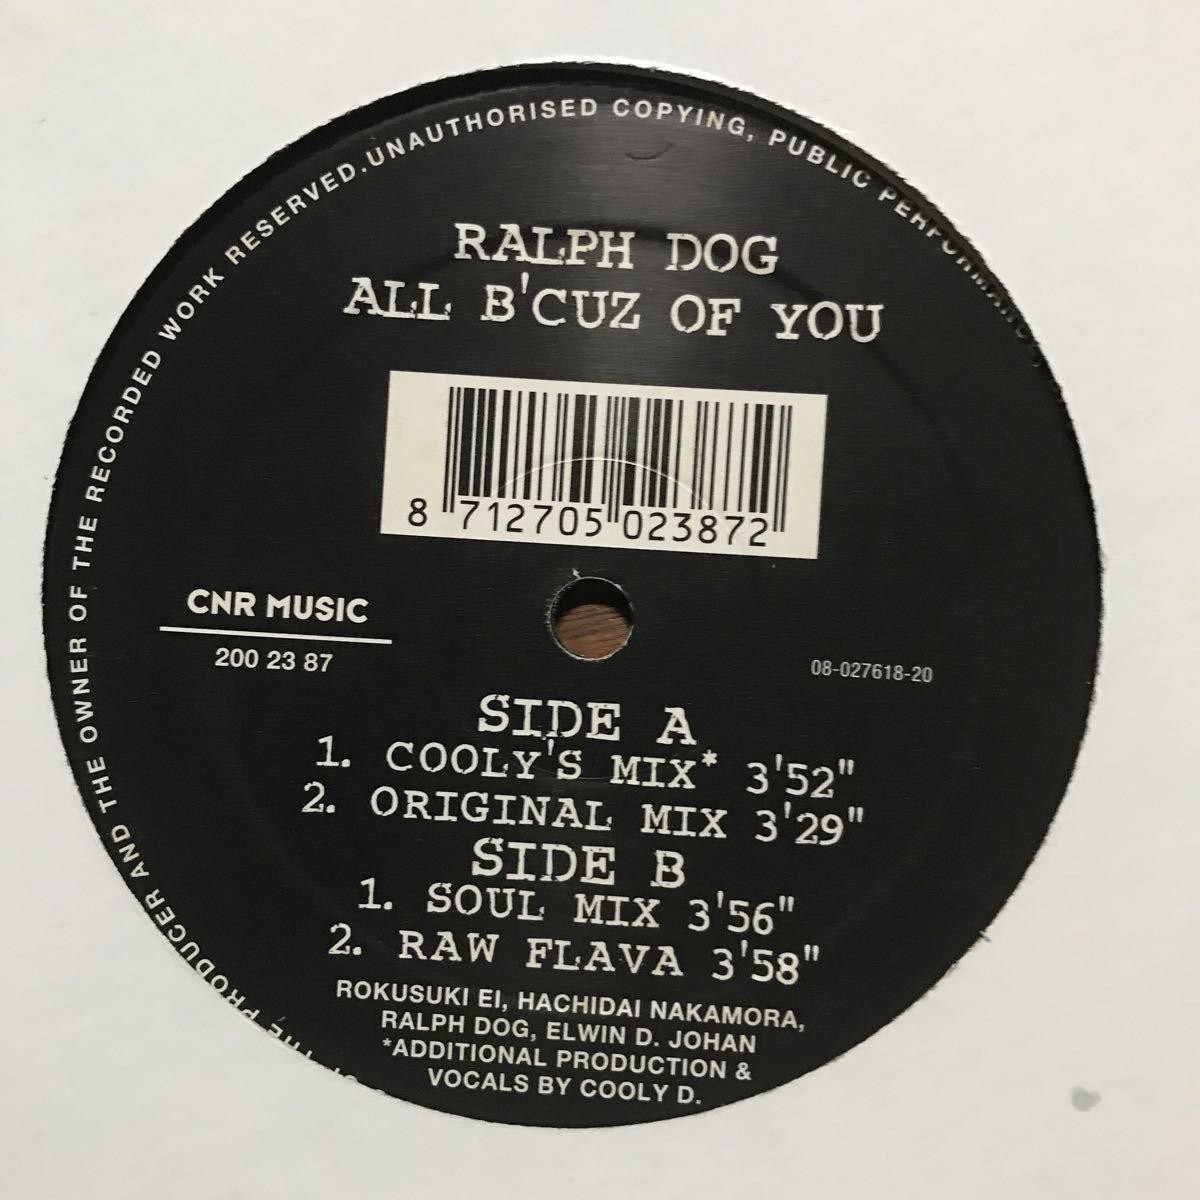 【r&b】Ralph Dog / All B'Cuz Of You[12inch]オリジナル盤《3-2-60 9595》sukiyaki